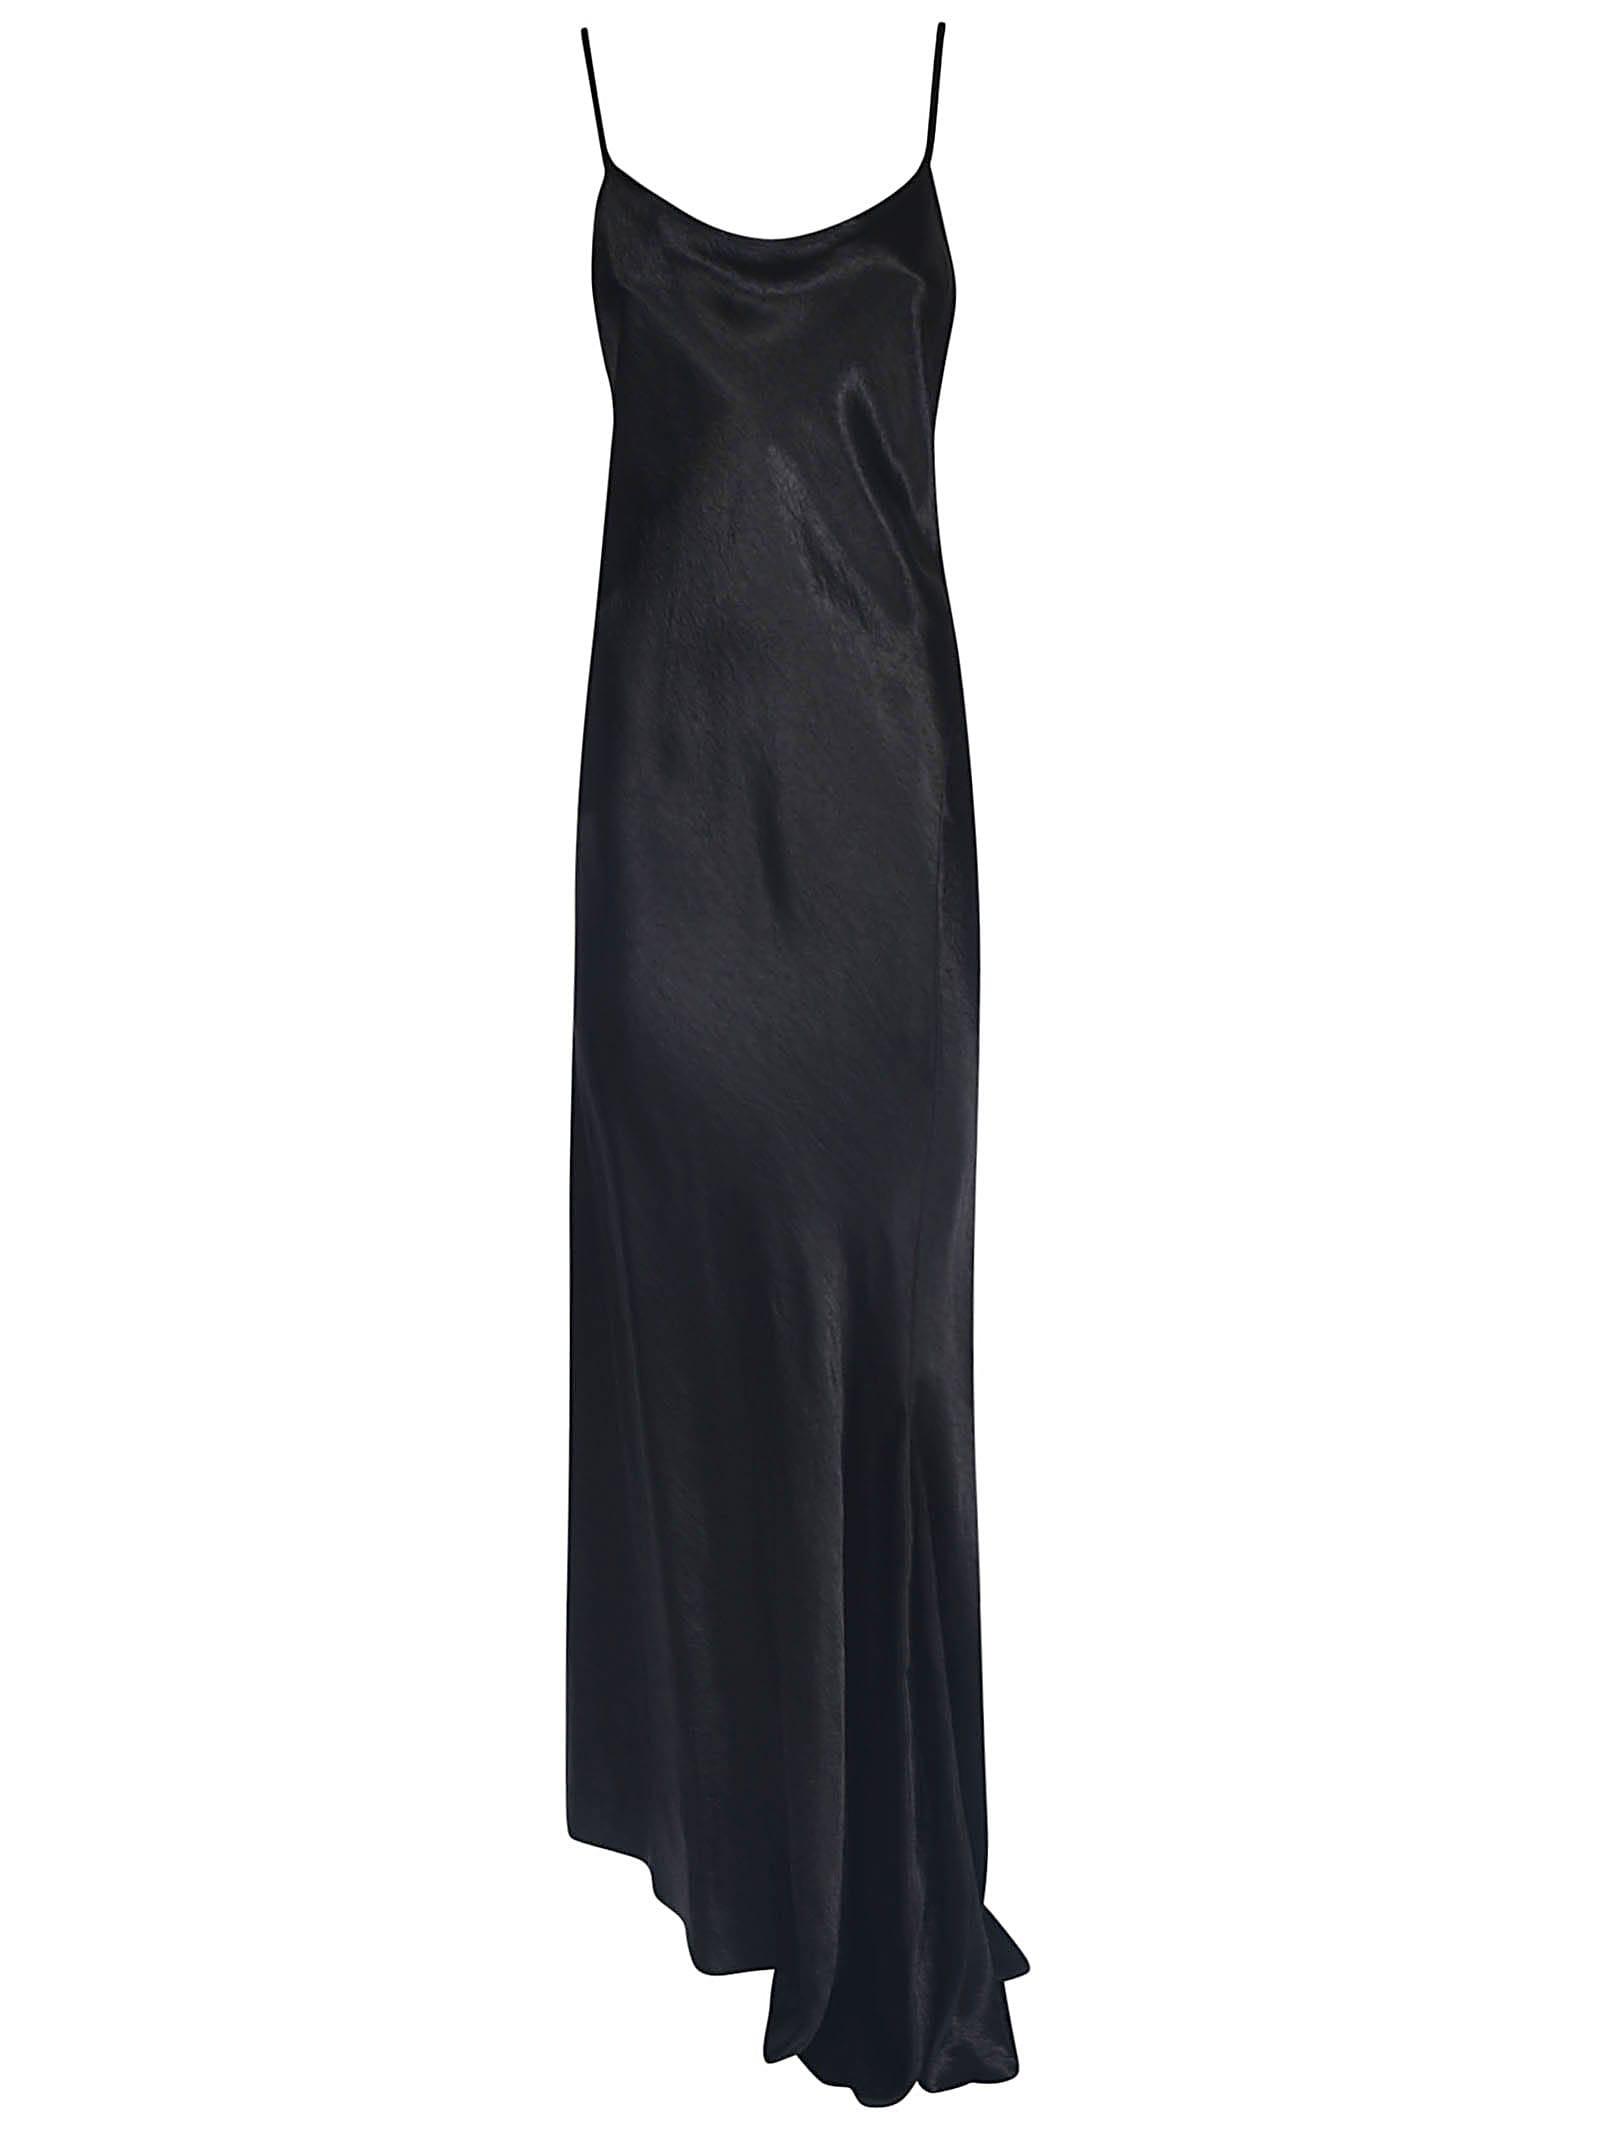 Buy Ann Demeulemeester Asymmetric Hem Long Dress online, shop Ann Demeulemeester with free shipping